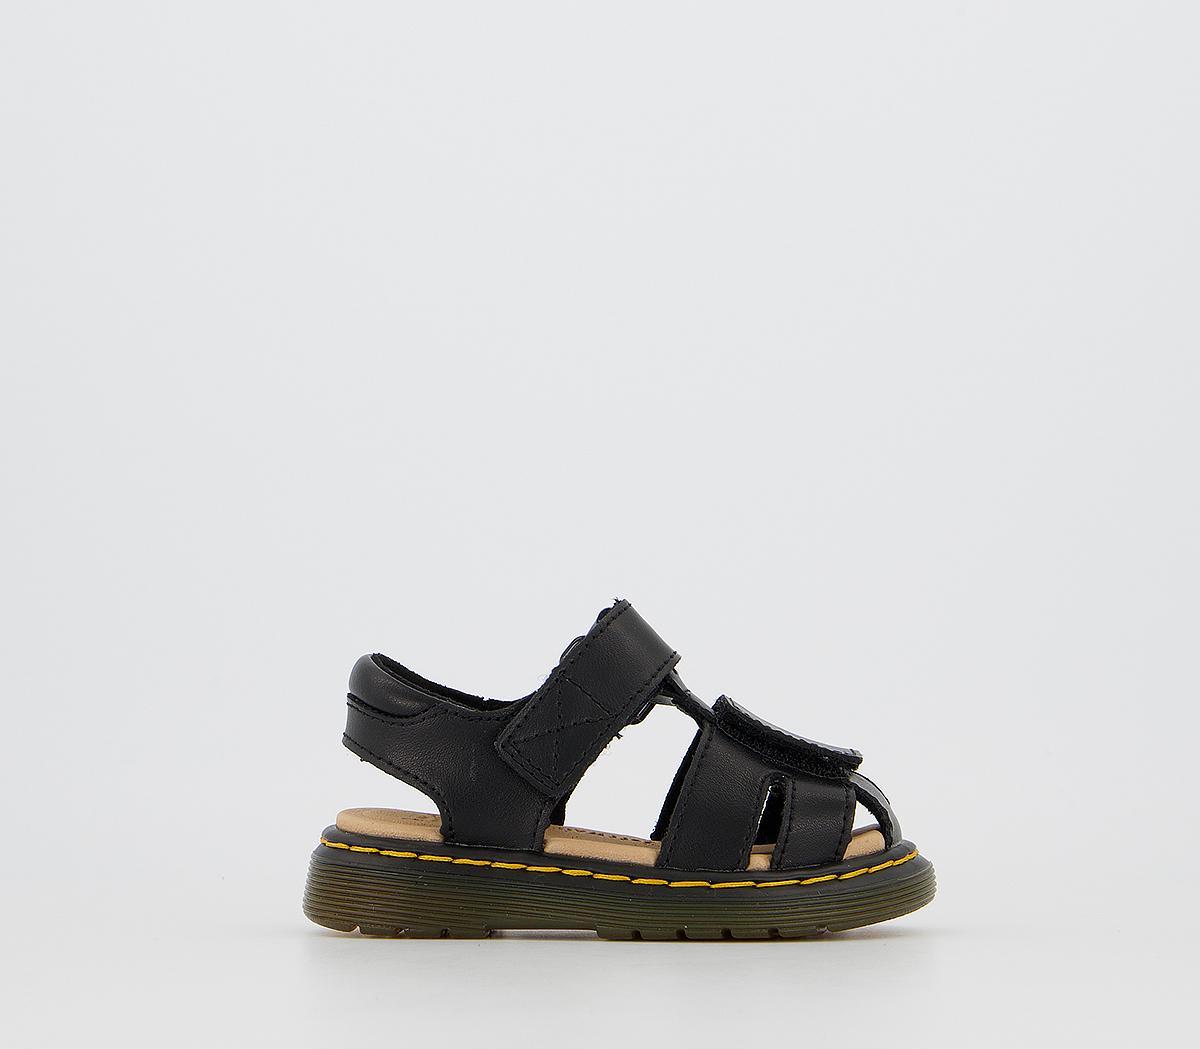 Dr. Martens Moby Sandals Infant Black